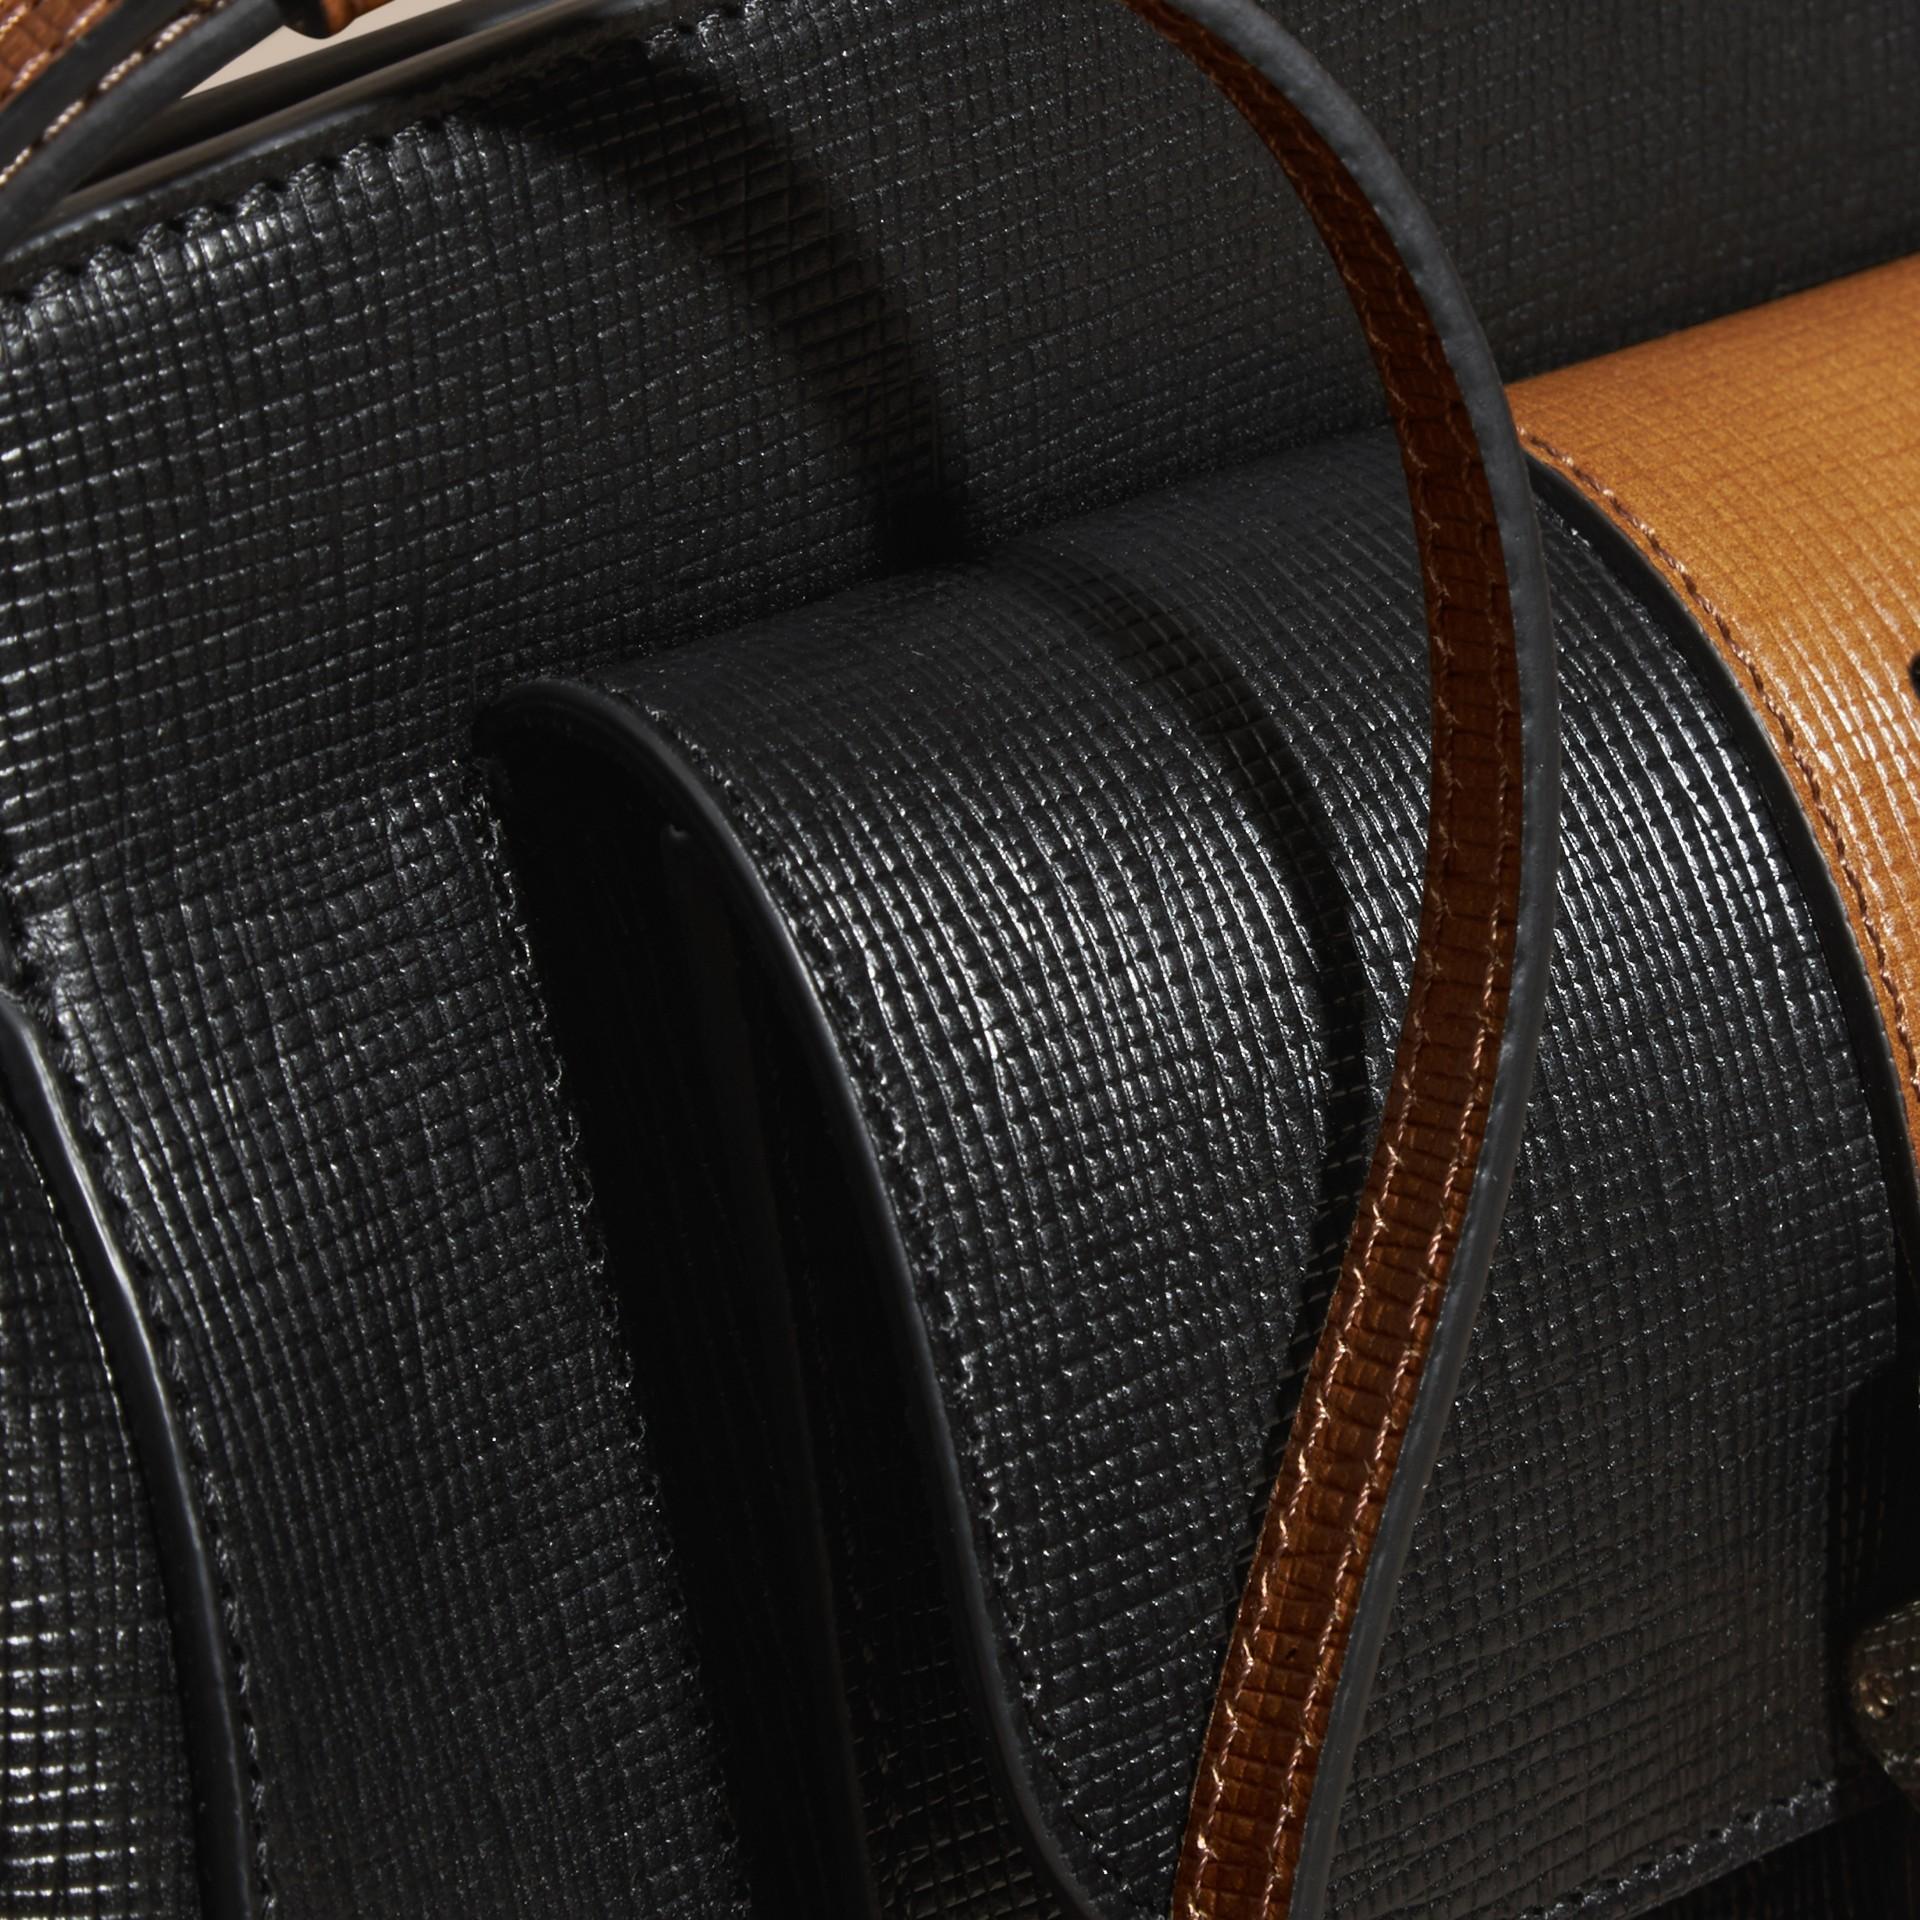 Nero Pochette The Saddle in pelle doppiata effetto texture - immagine della galleria 2